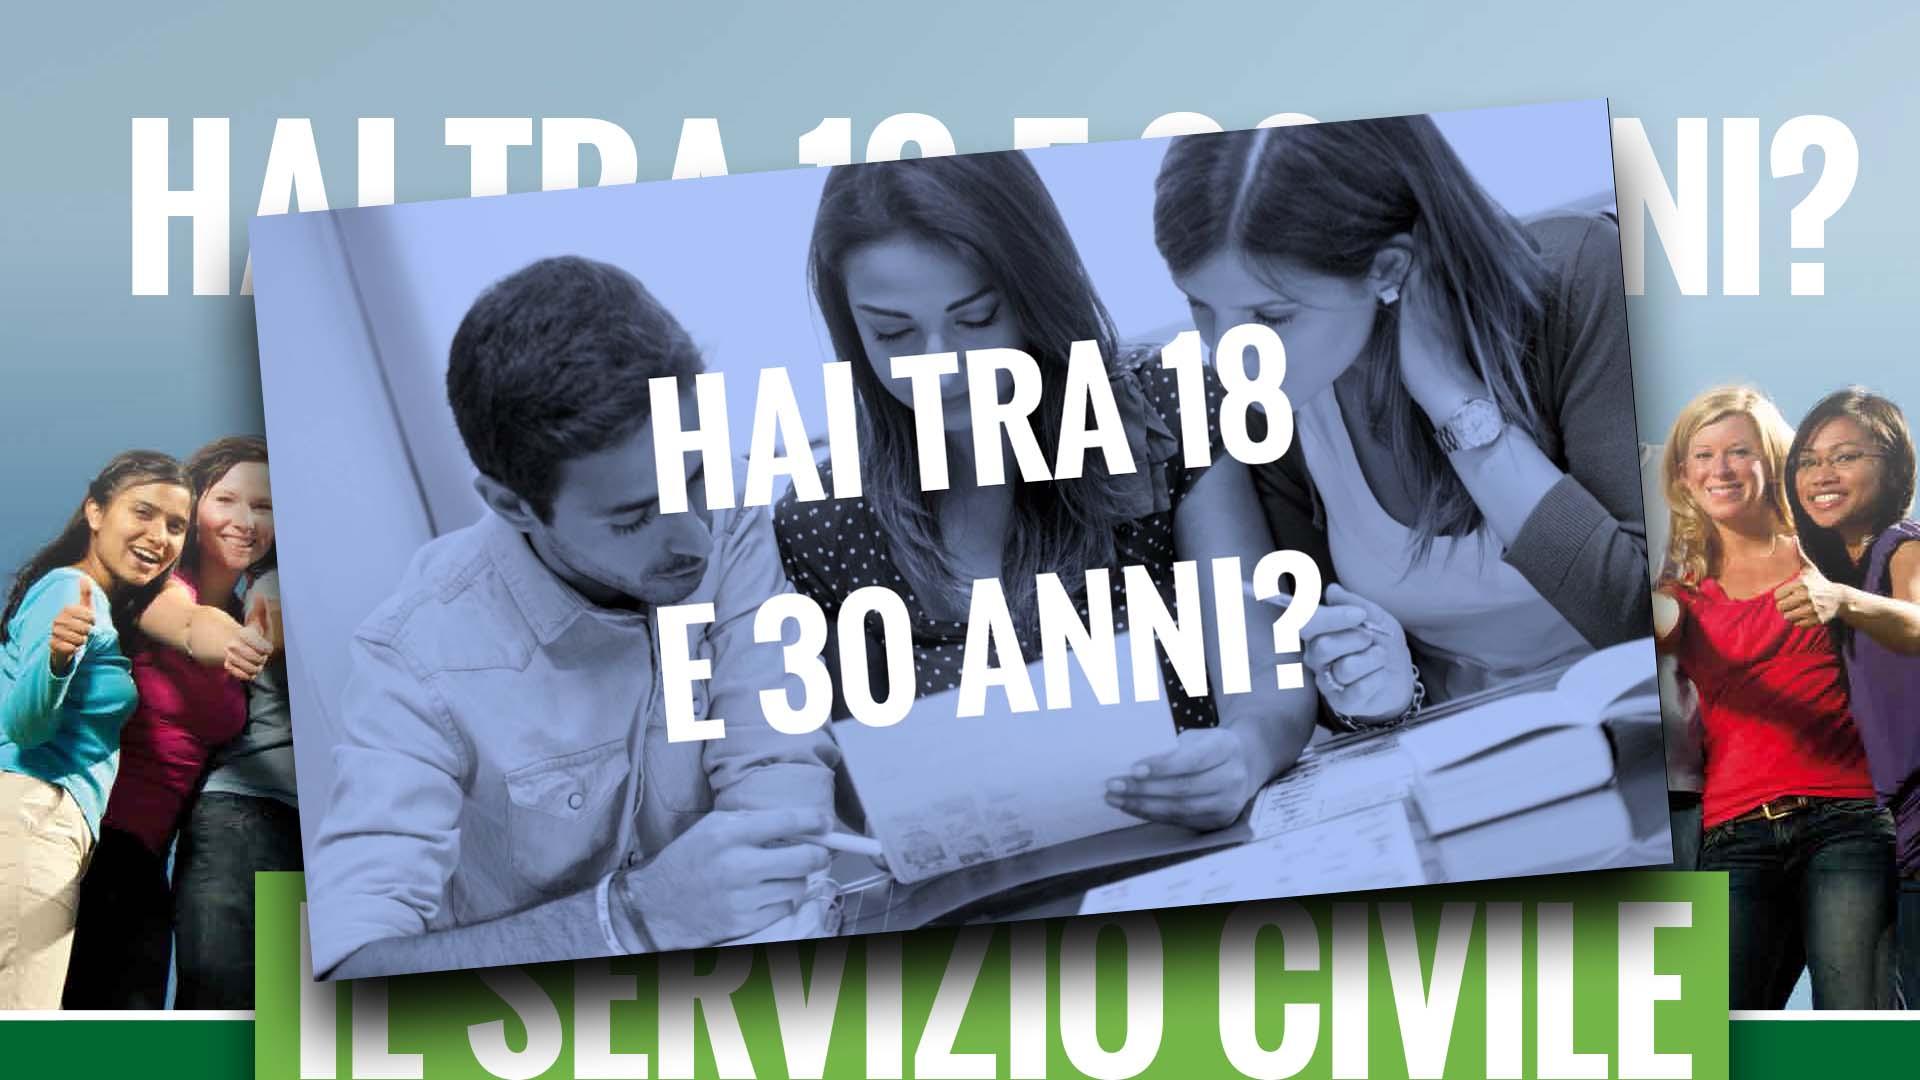 Patronato Inac Toscana. Campagna per il Servizio civile regionale, apertura